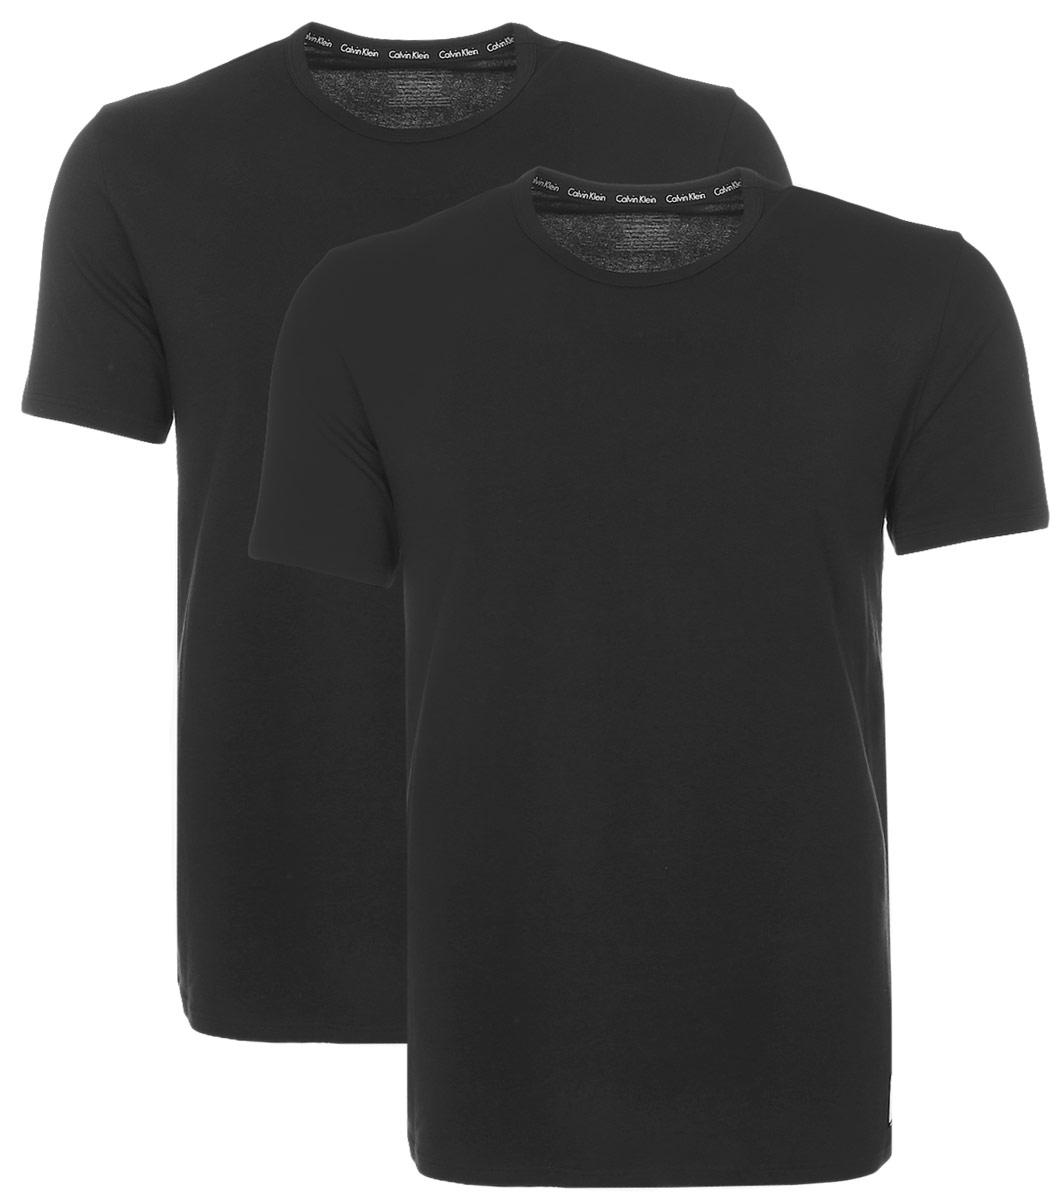 Футболка для дома мужская Calvin Klein Underwear, цвет: черный, 2 шт. NU8697A. Размер XL (52)NU8697AМужская футболка Calvin Klein Underwear изготовлена из натурального хлопка с добавлением эластана. Модель с круглой горловиной и короткими рукавами. Футболка дополнена квадратной нашивкой с названием бренда.